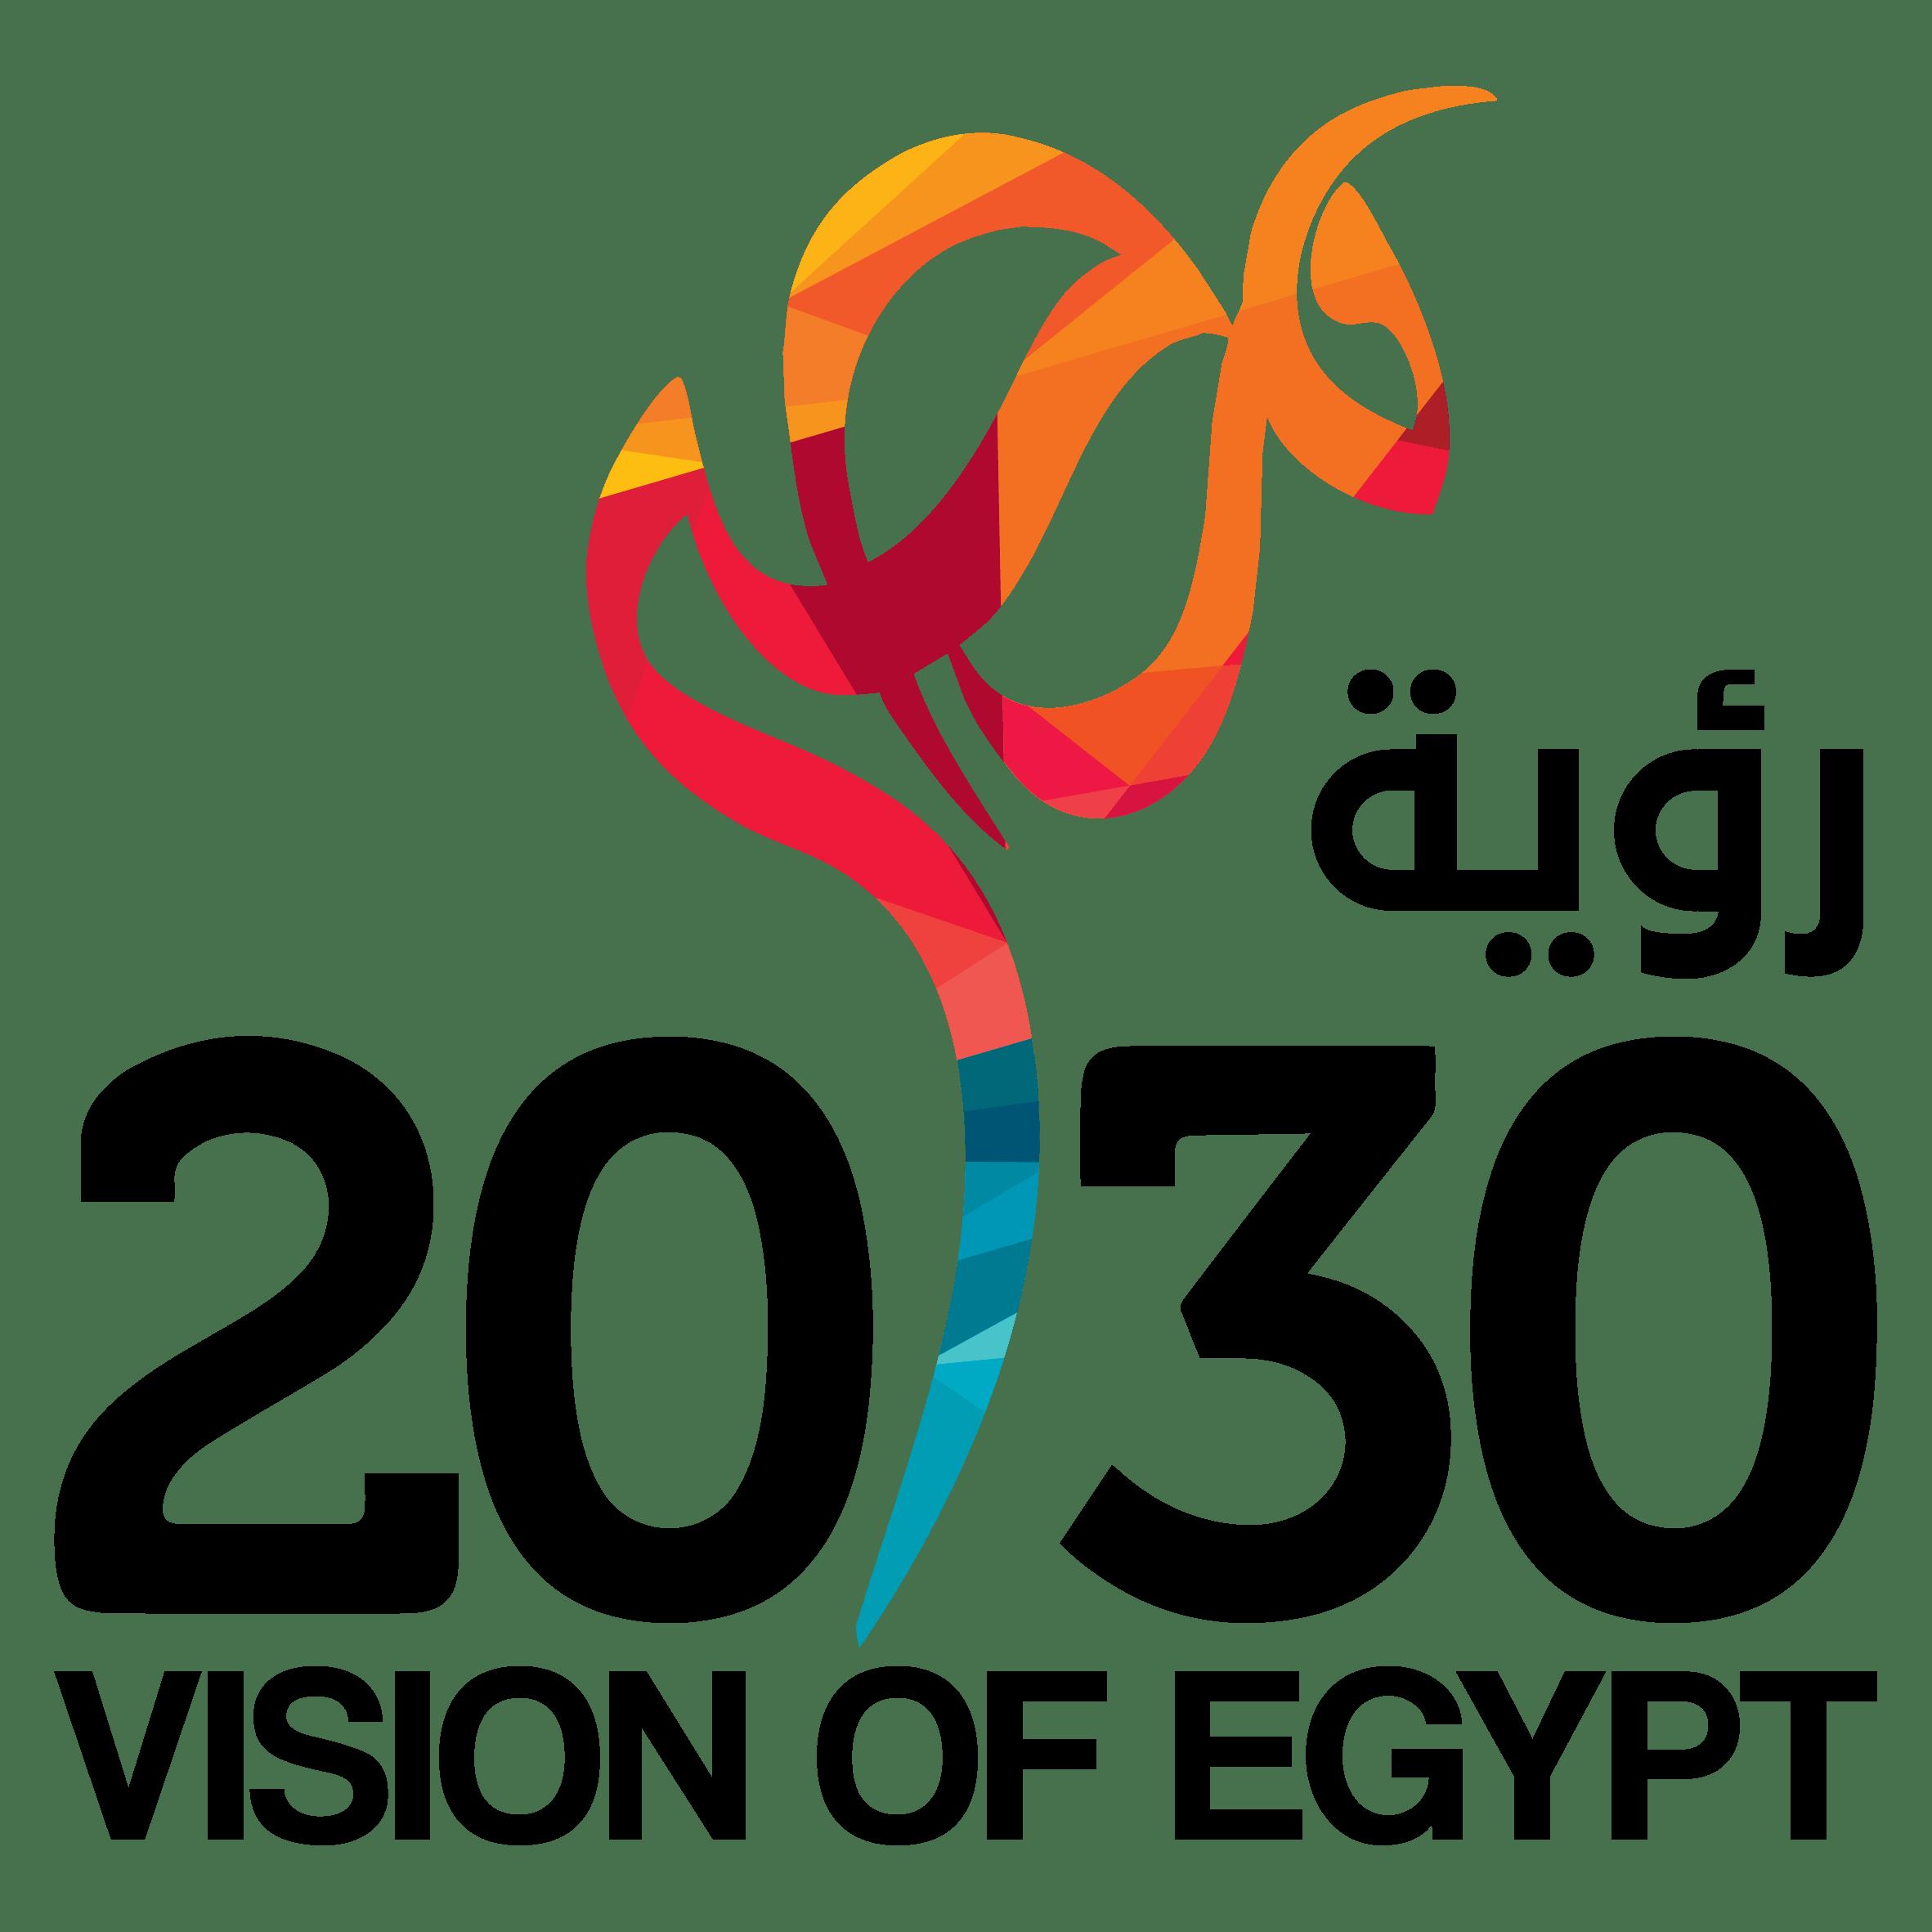 Egypt's 2030 Vision